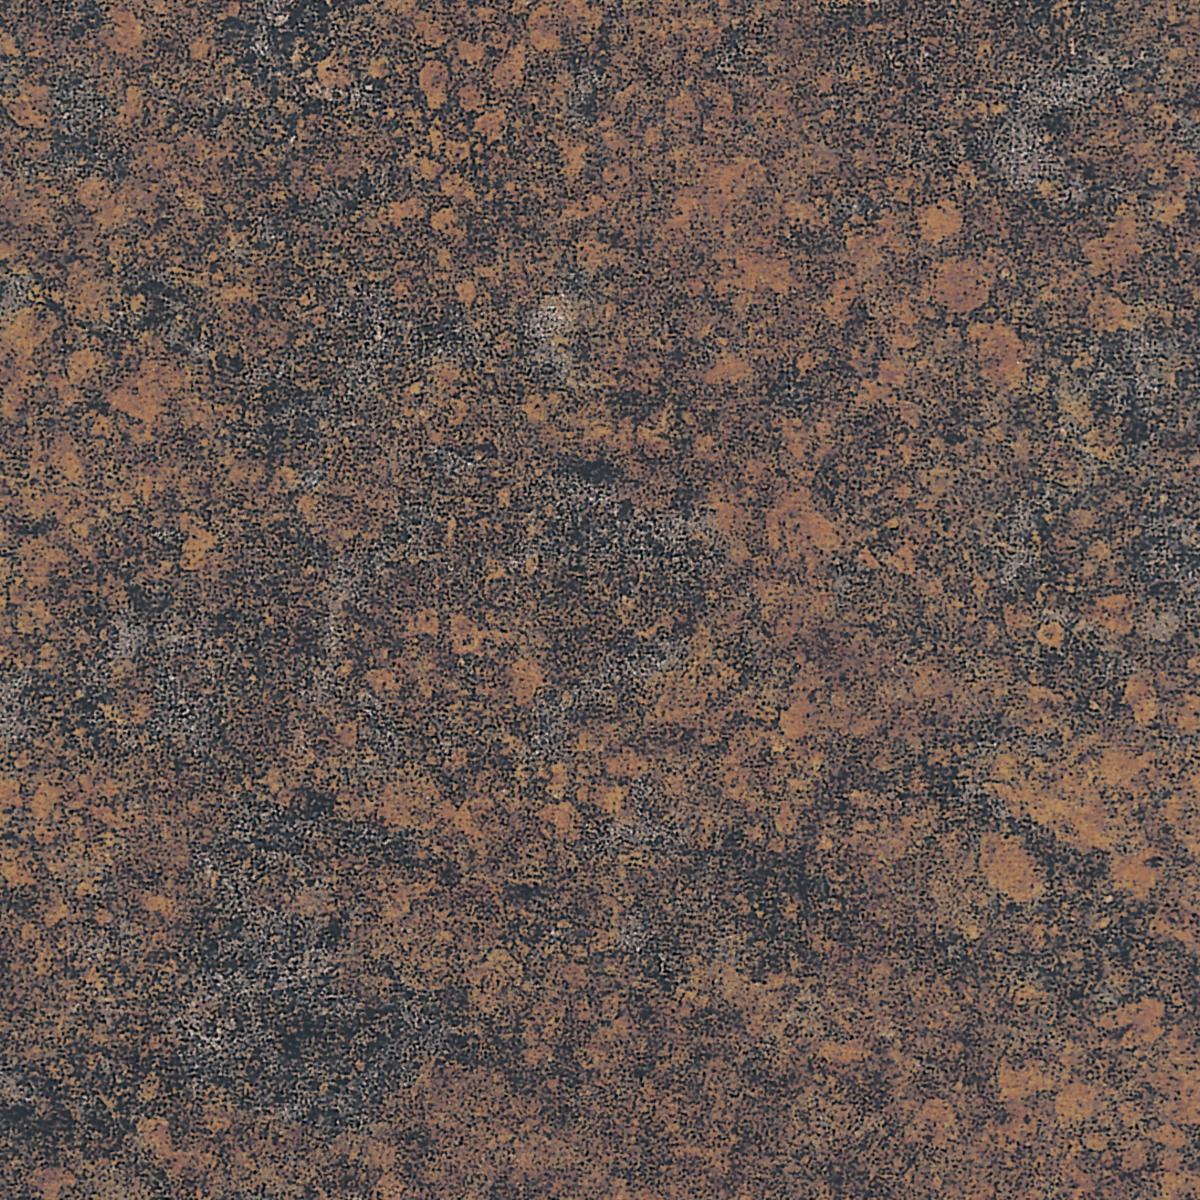 3449 Mineral Umber - Formica